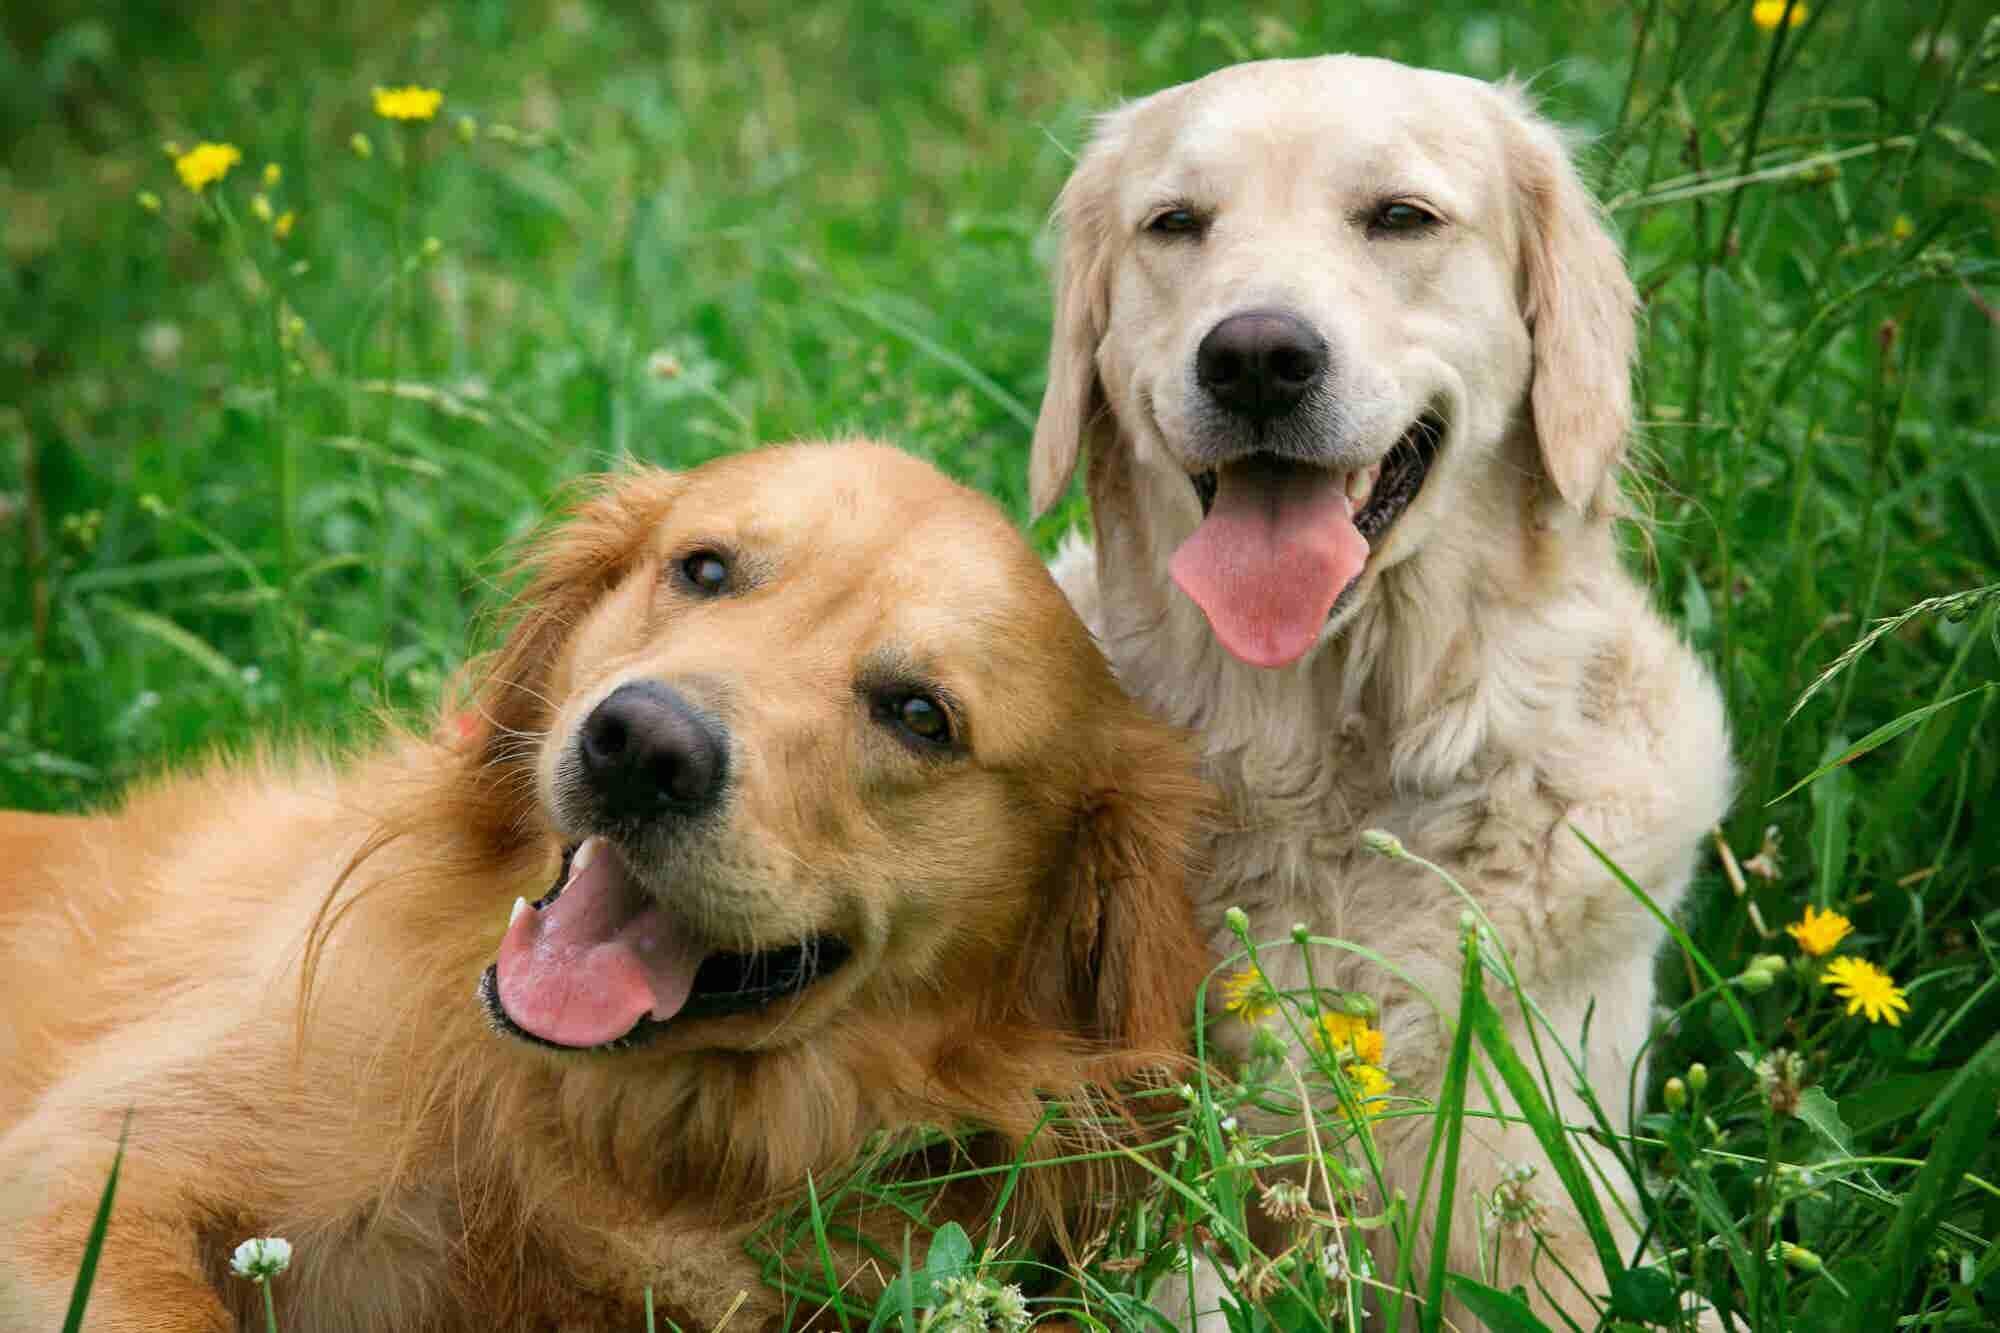 La startup de mascotas, DogHero, recibe 7 mdd de inversión y se consolida en México